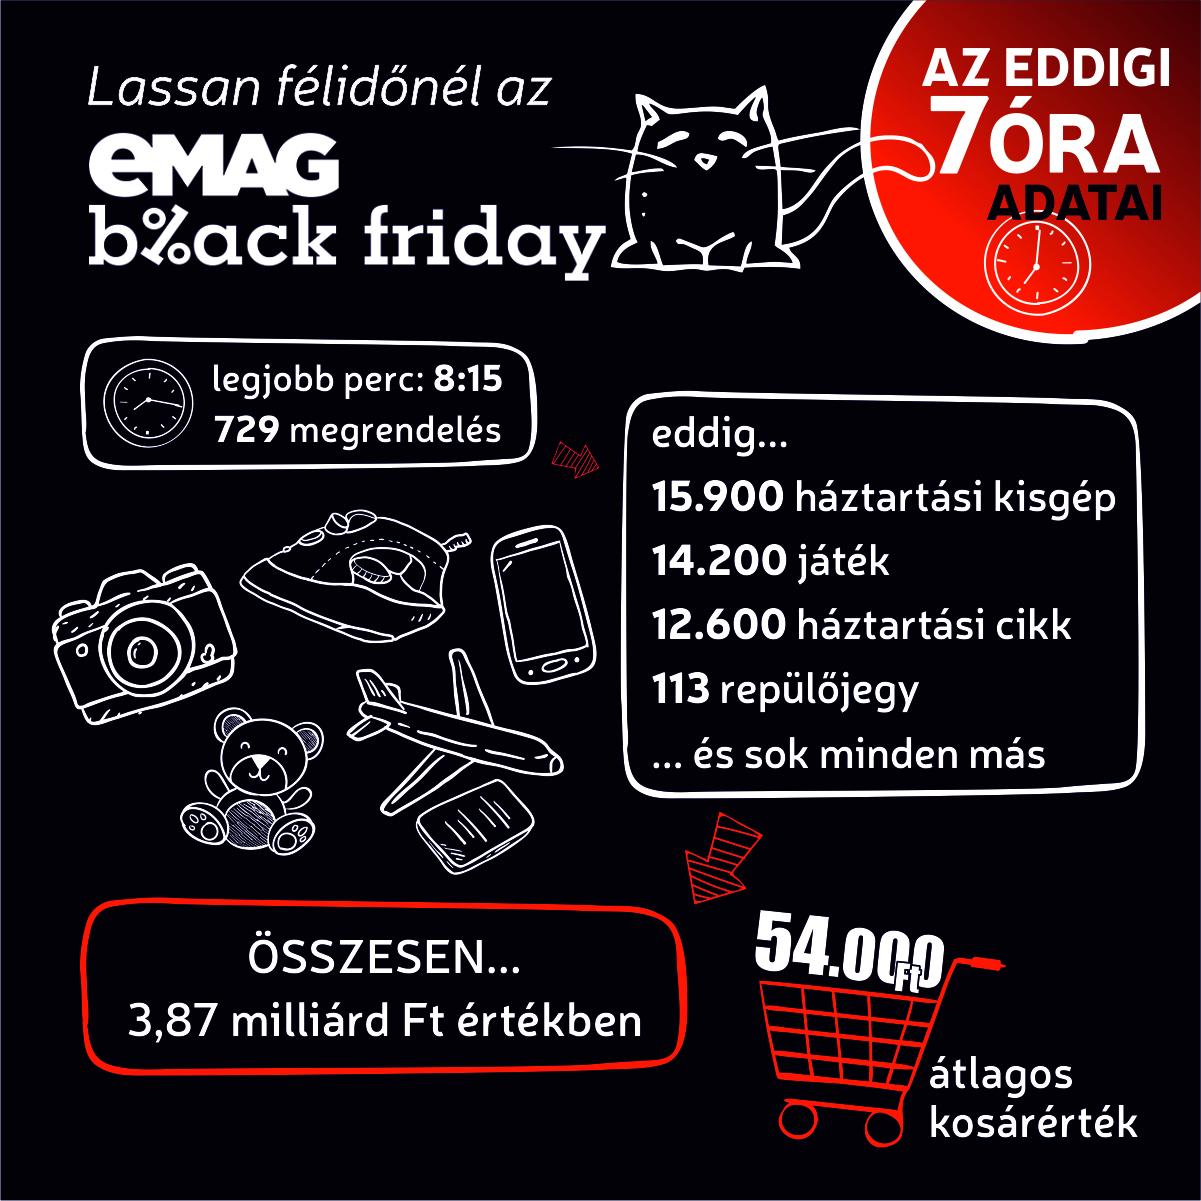 emag-black-friday-1400